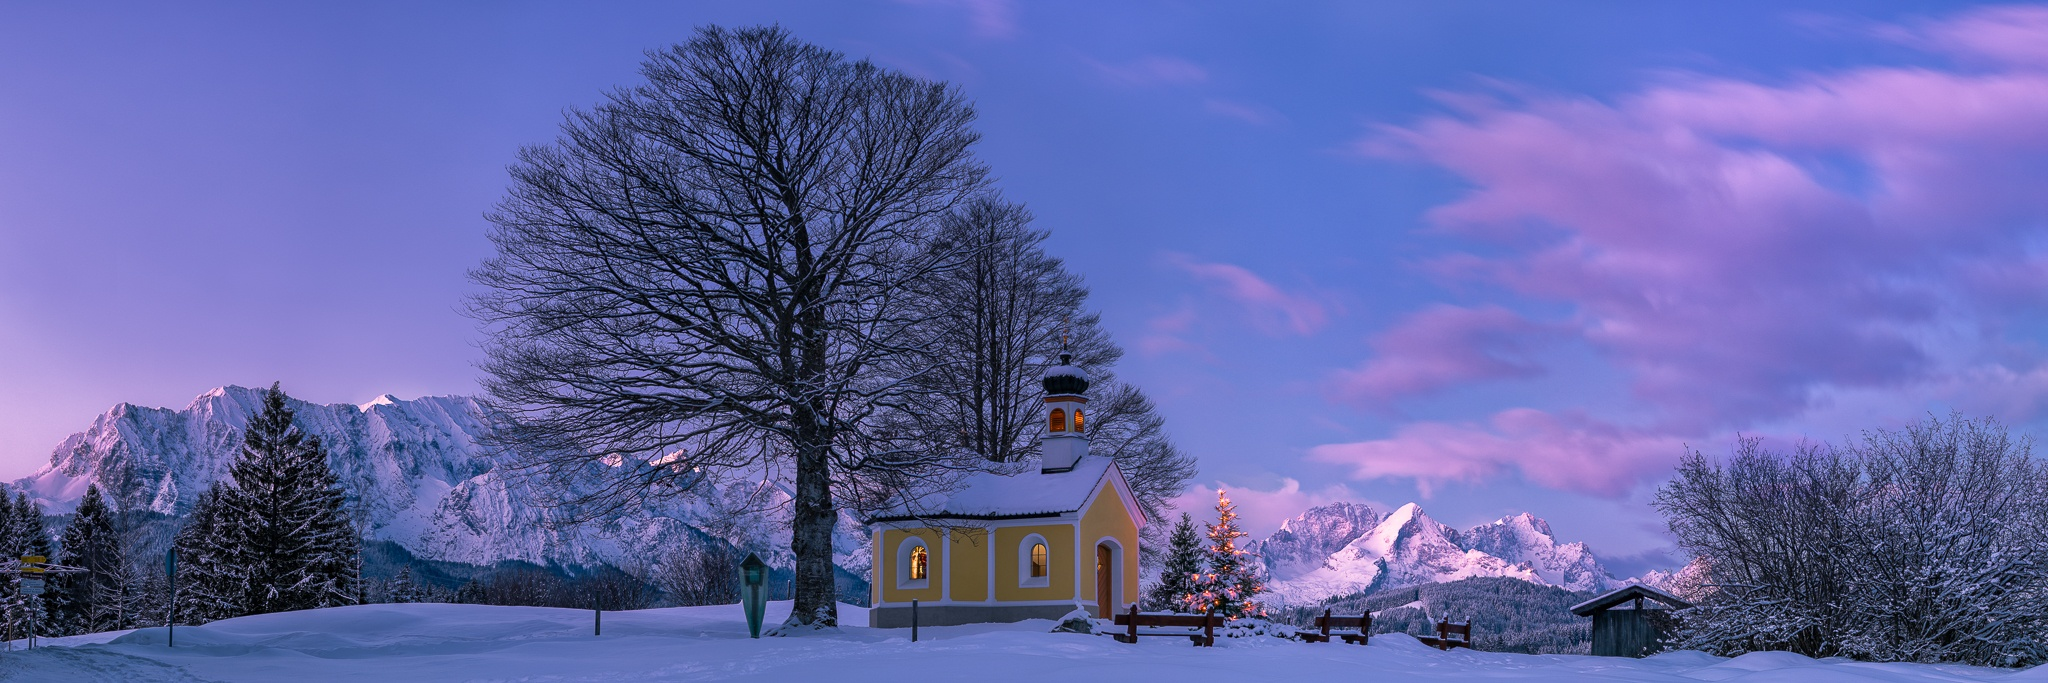 Weihnachtsmorgen in der Alpenwelt Karwendel. Die Kapelle Maria Rast auf den Buckelwiesen mit dem Panoramablick auf das Wettersteingebirge.